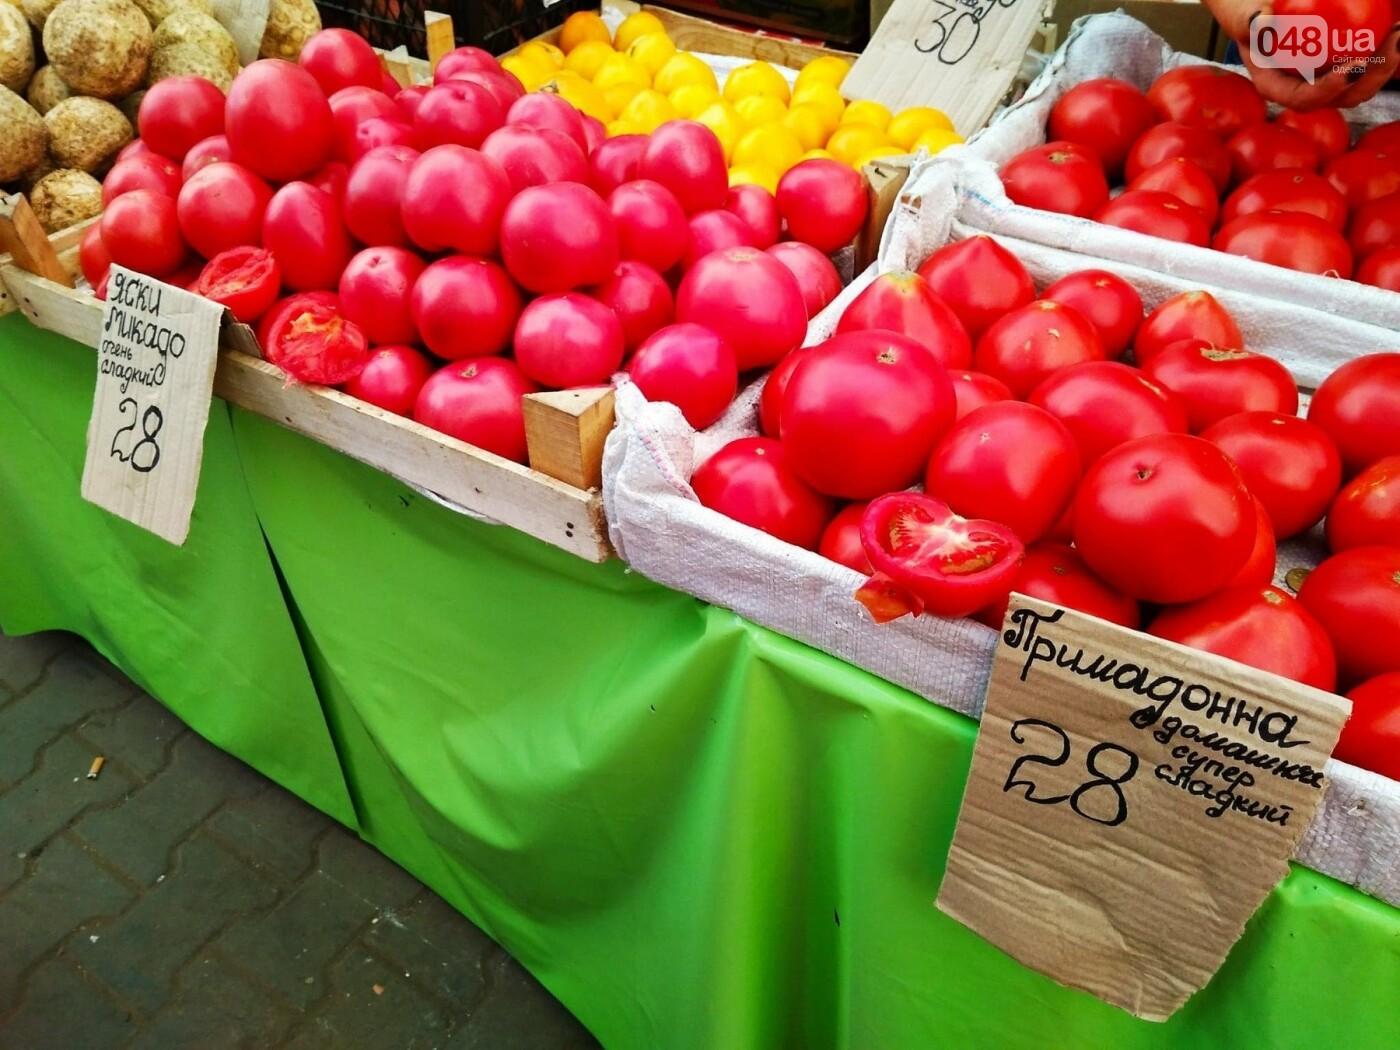 Ищем, где дешевле в Одессе: обзор цен на продукты на рынках Котовского, - ФОТО, ИНФОГРАФИКА, фото-6